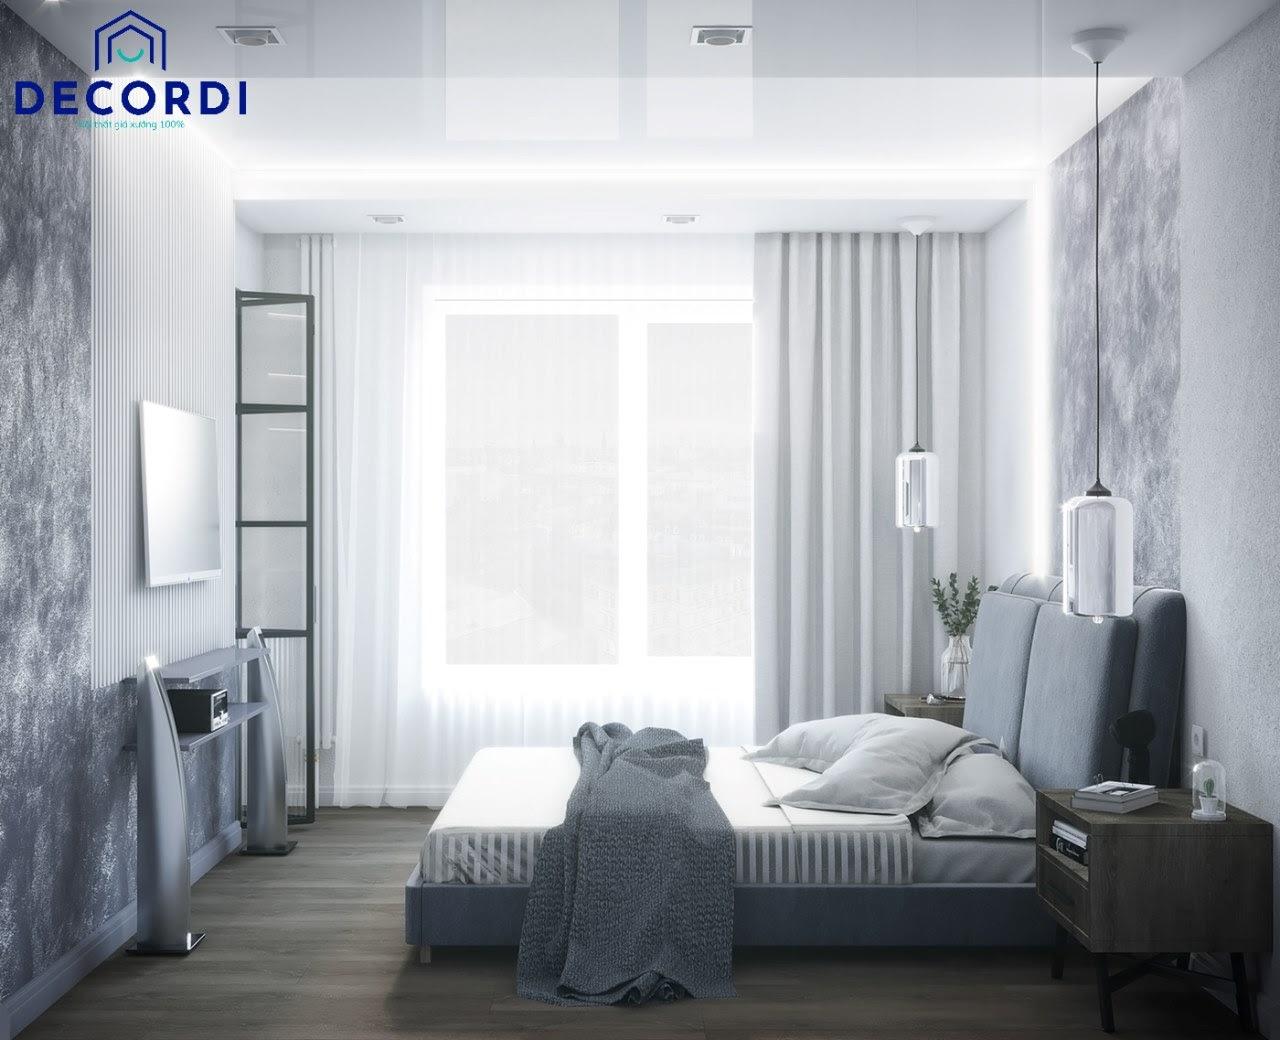 Mẫu phòng ngủ gam màu trung tính bố trí cửa sổ lớn